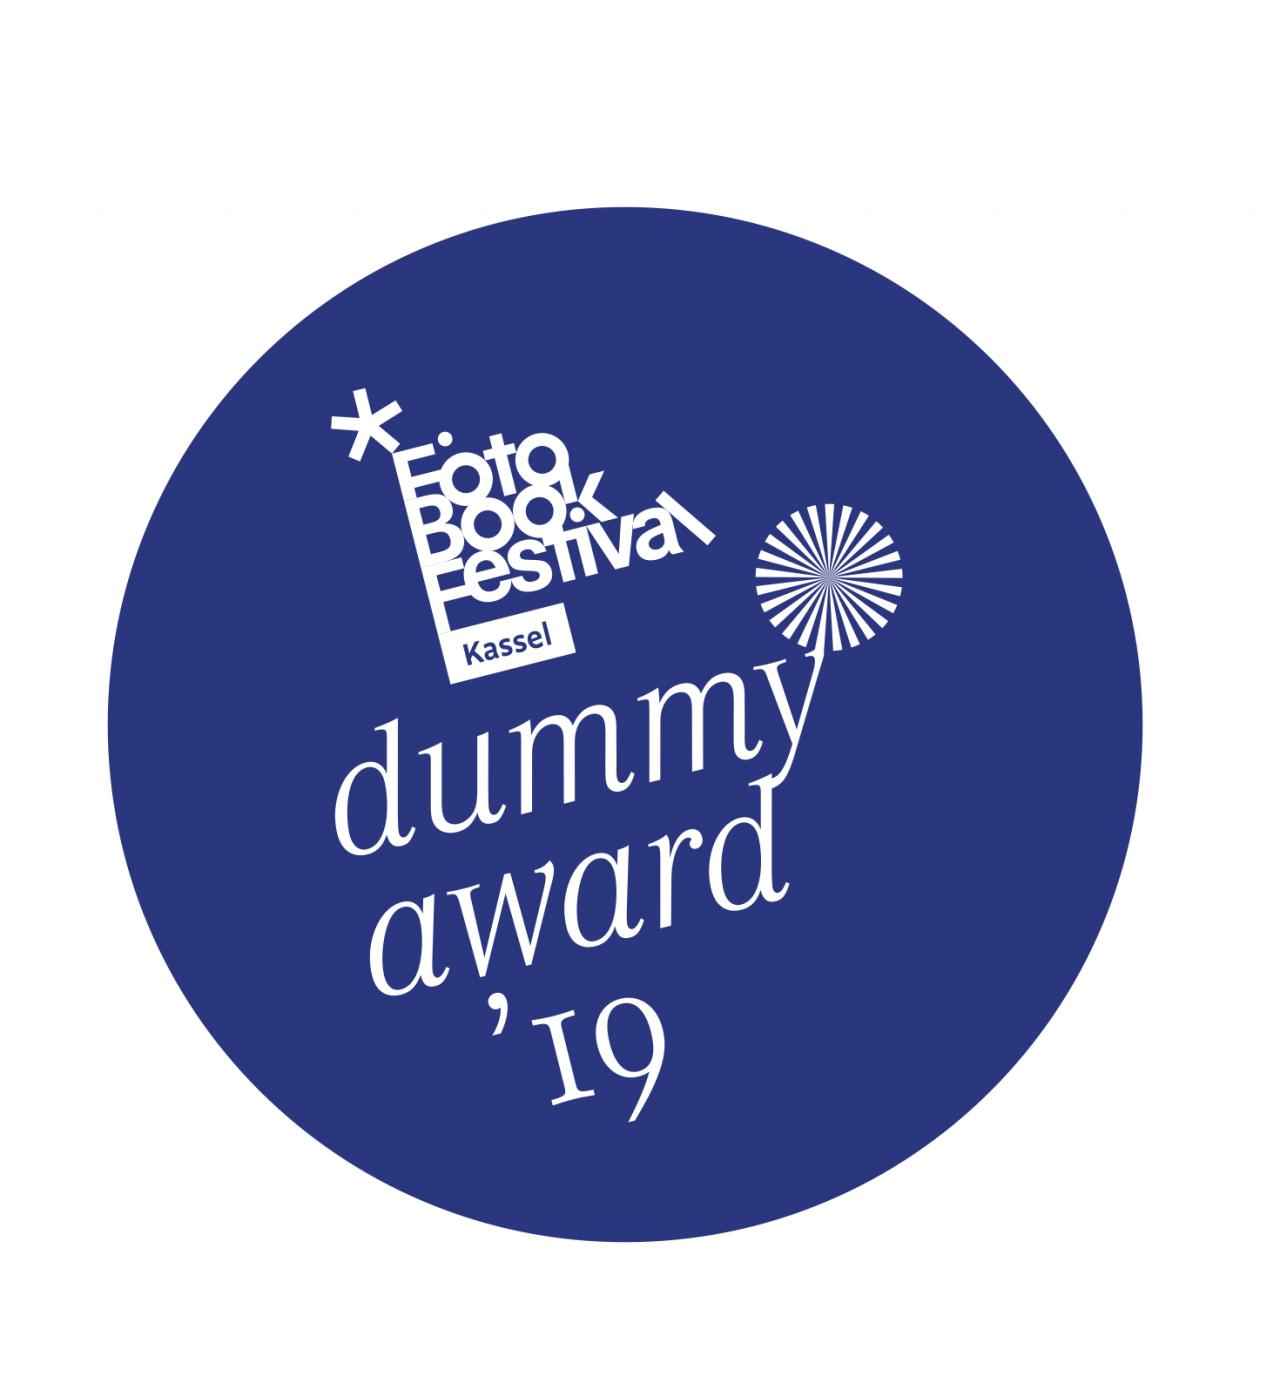 logo for KASSEL DUMMY AWARD